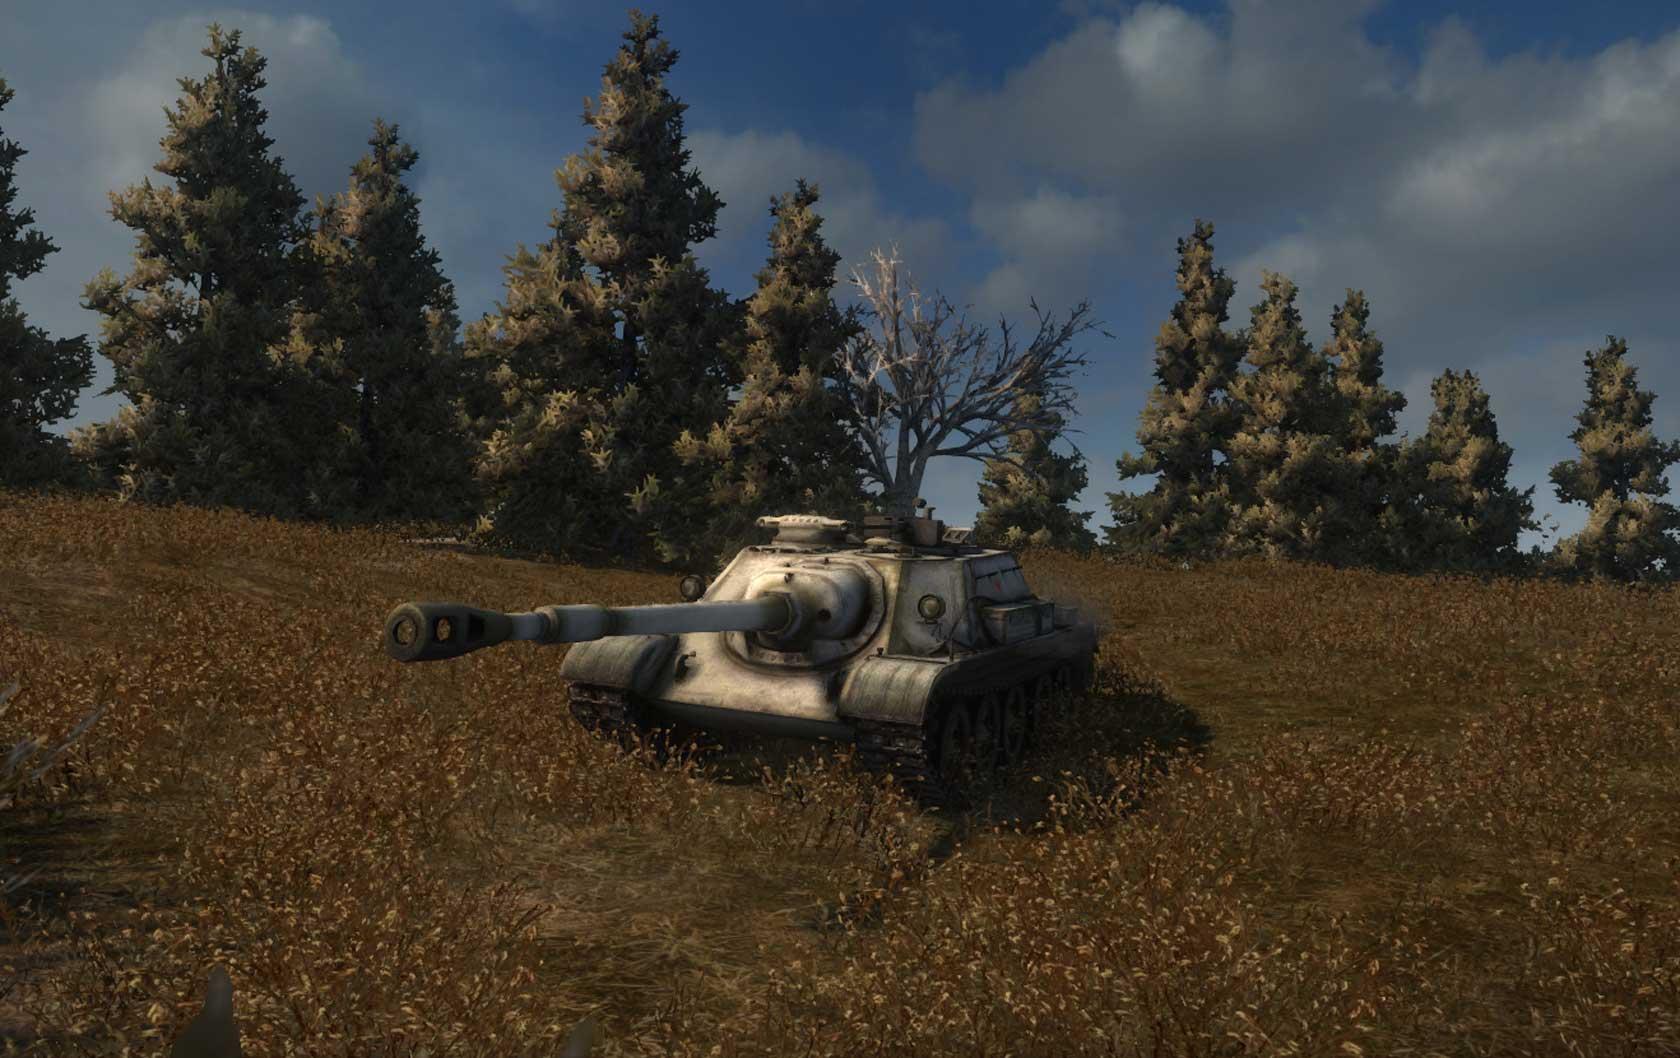 СУ-122-54, СУ 122 54, su 122 54, СУ-122-54 в World of Tanks, танк СУ-122-54